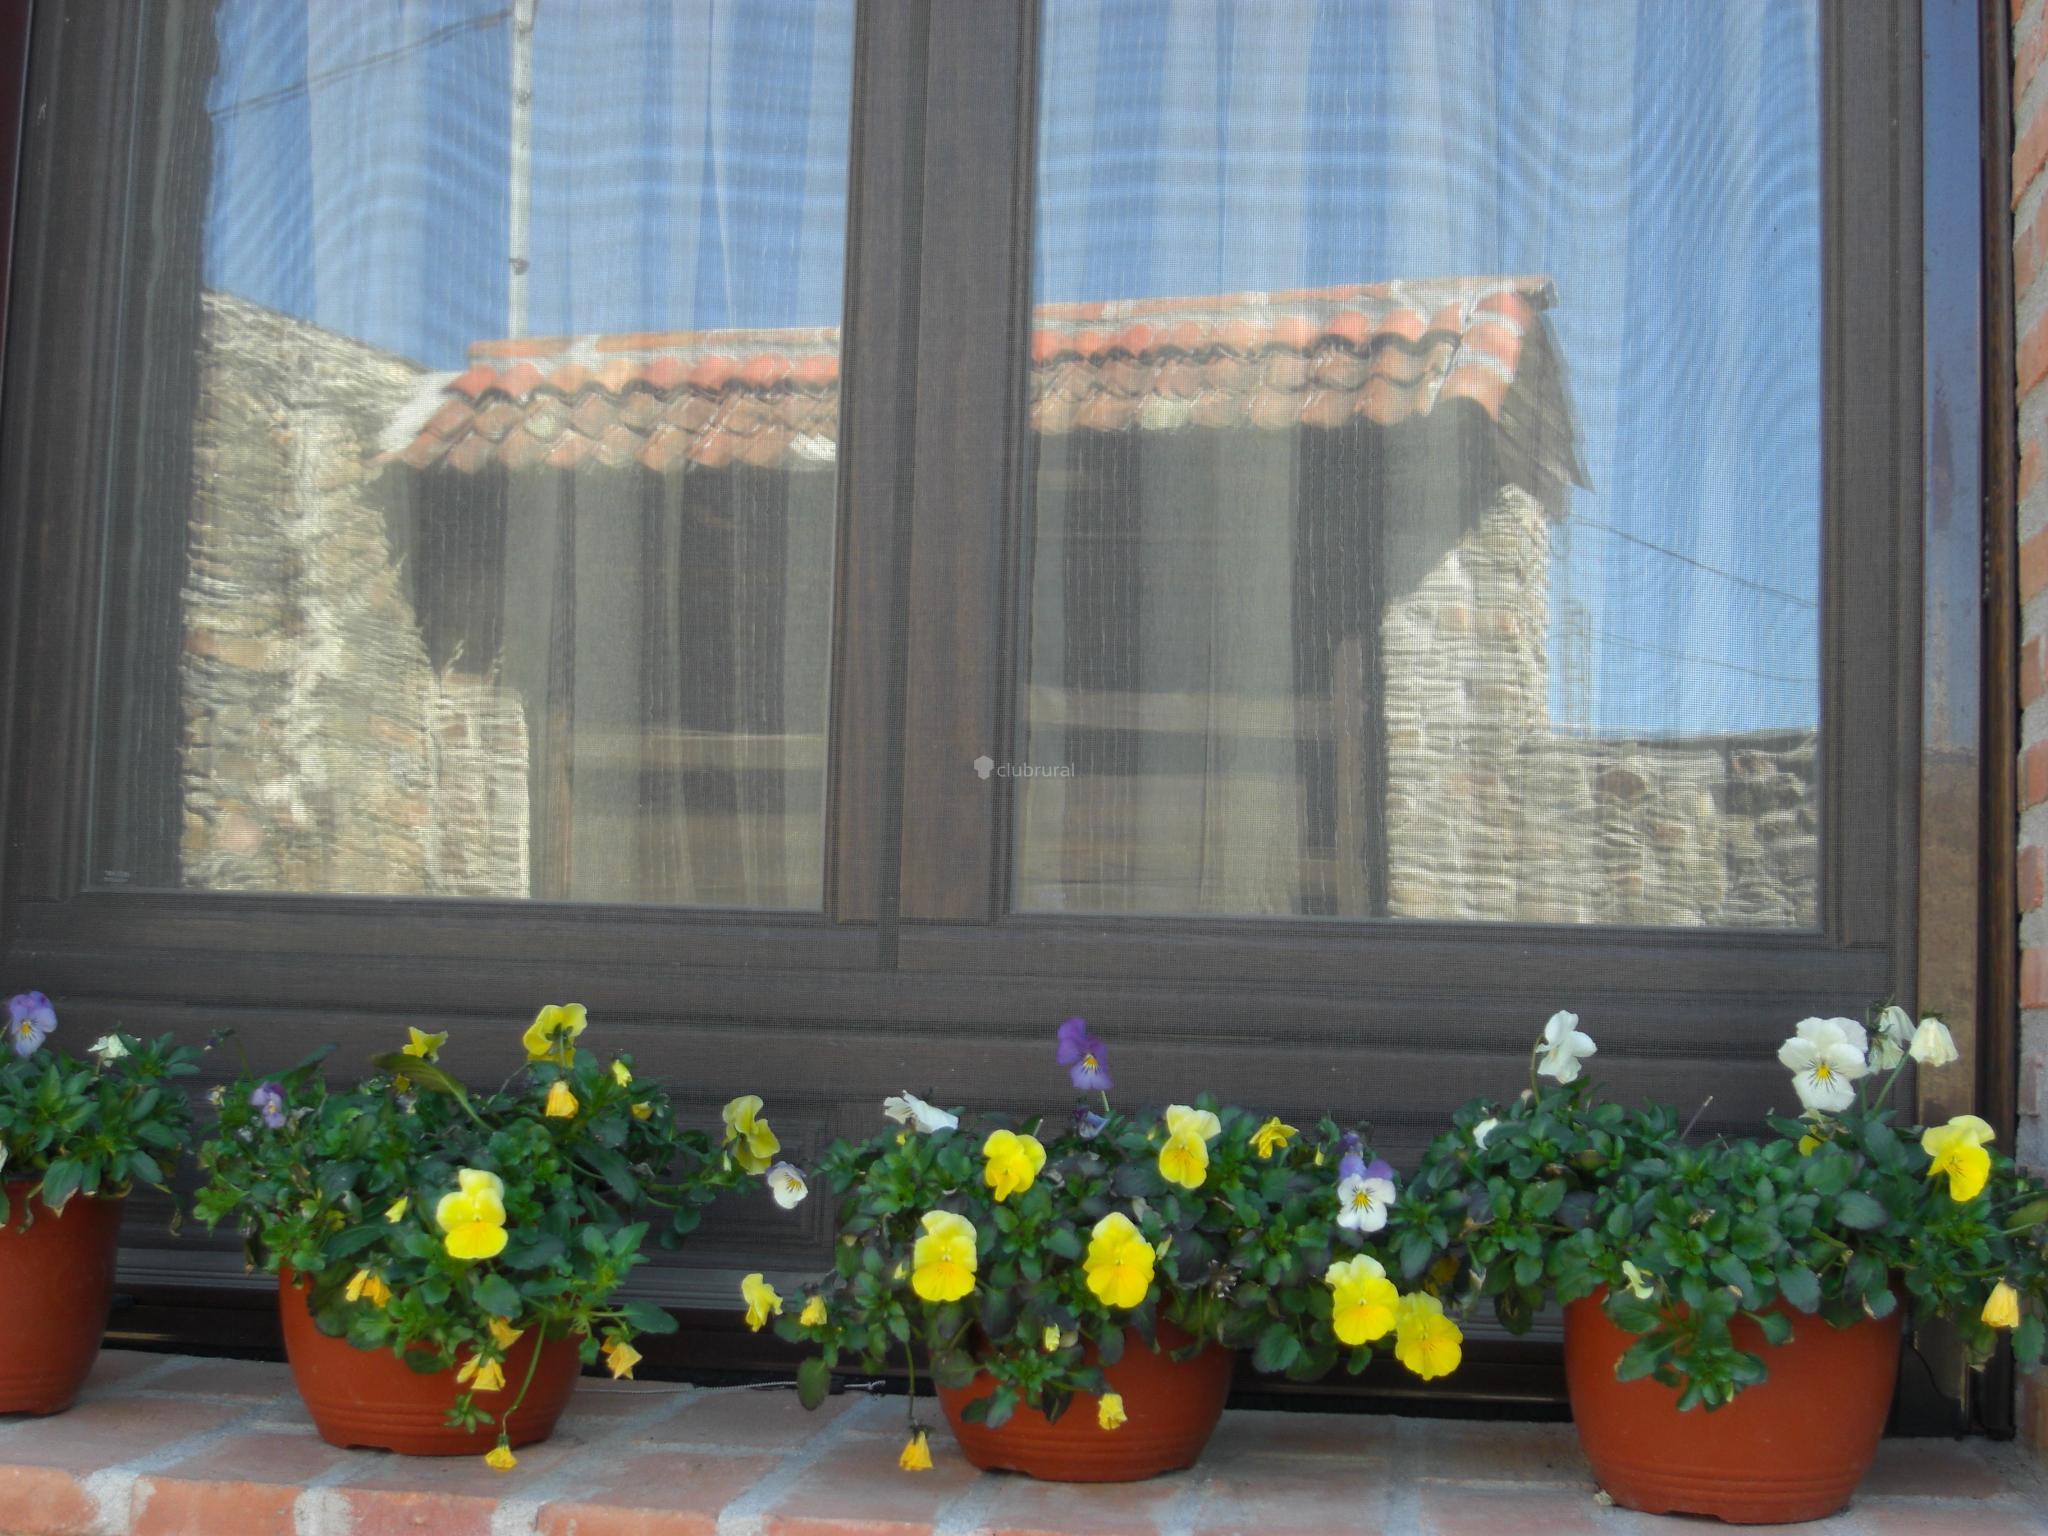 Fotos De El Oasis Segovia Miguela Ez Clubrural # Muebles Oasis Caseros